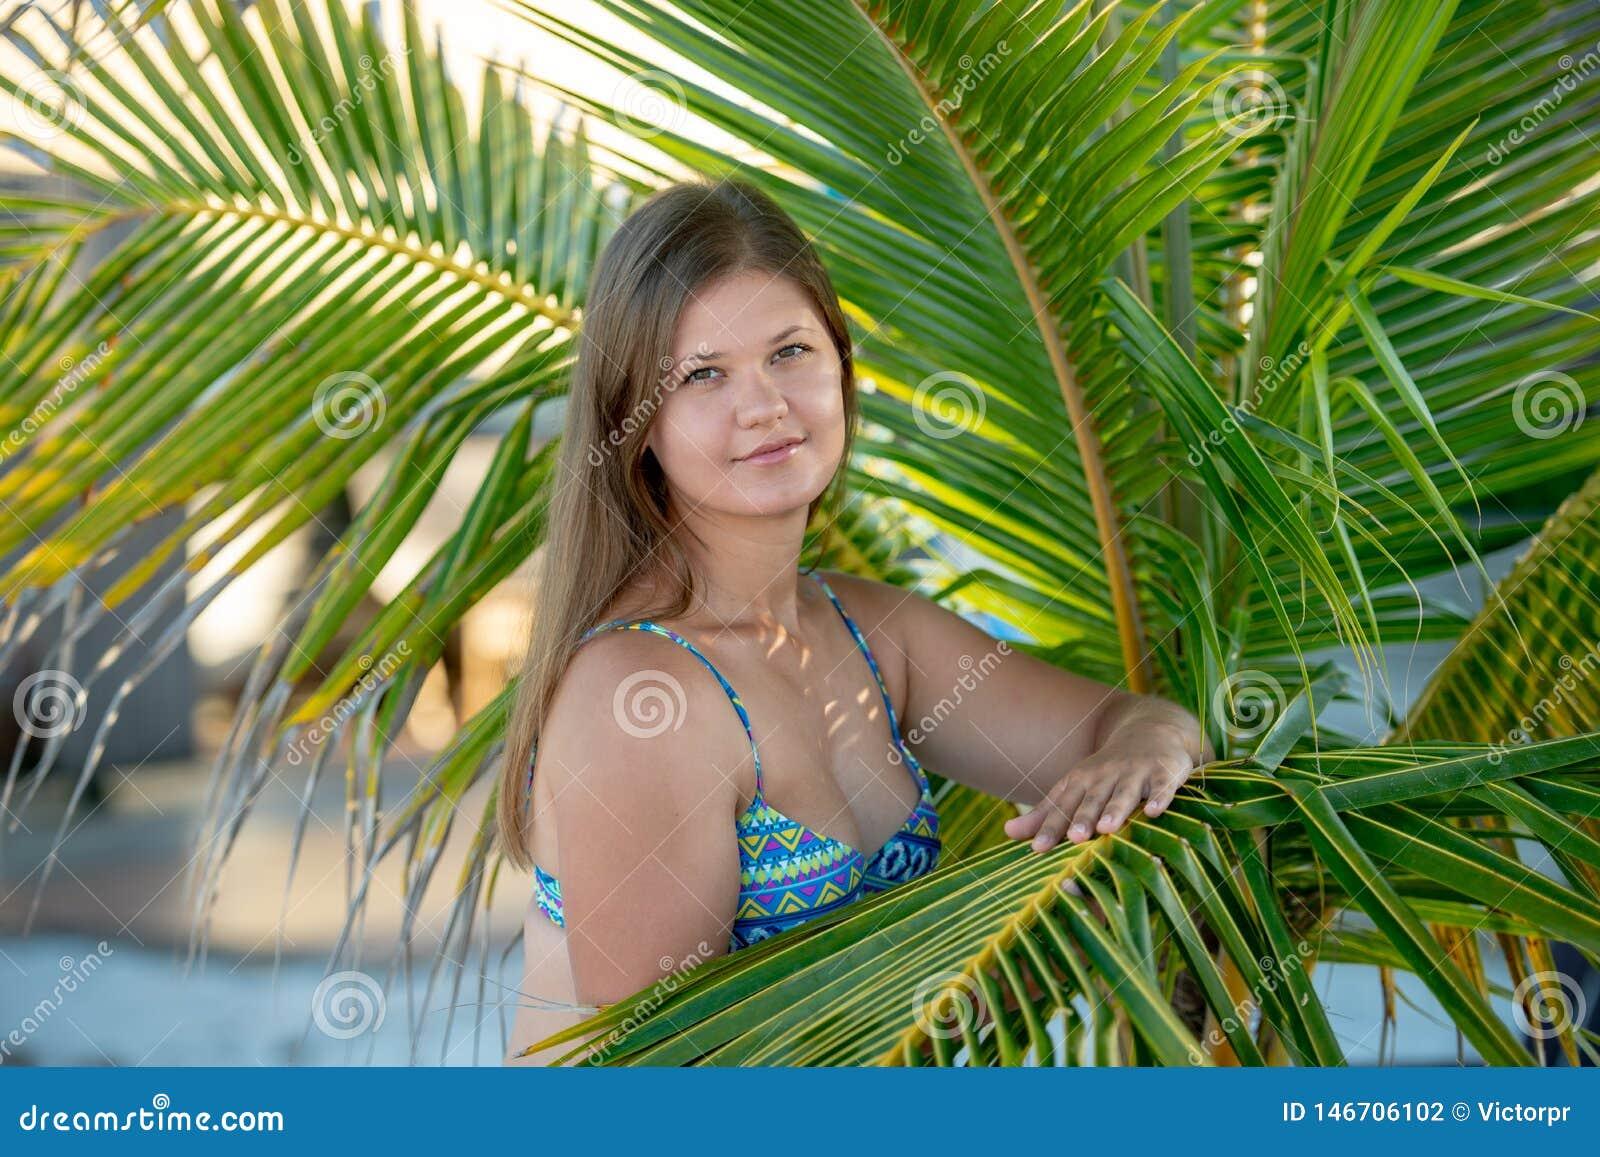 俏丽的年轻女人在棕榈树下